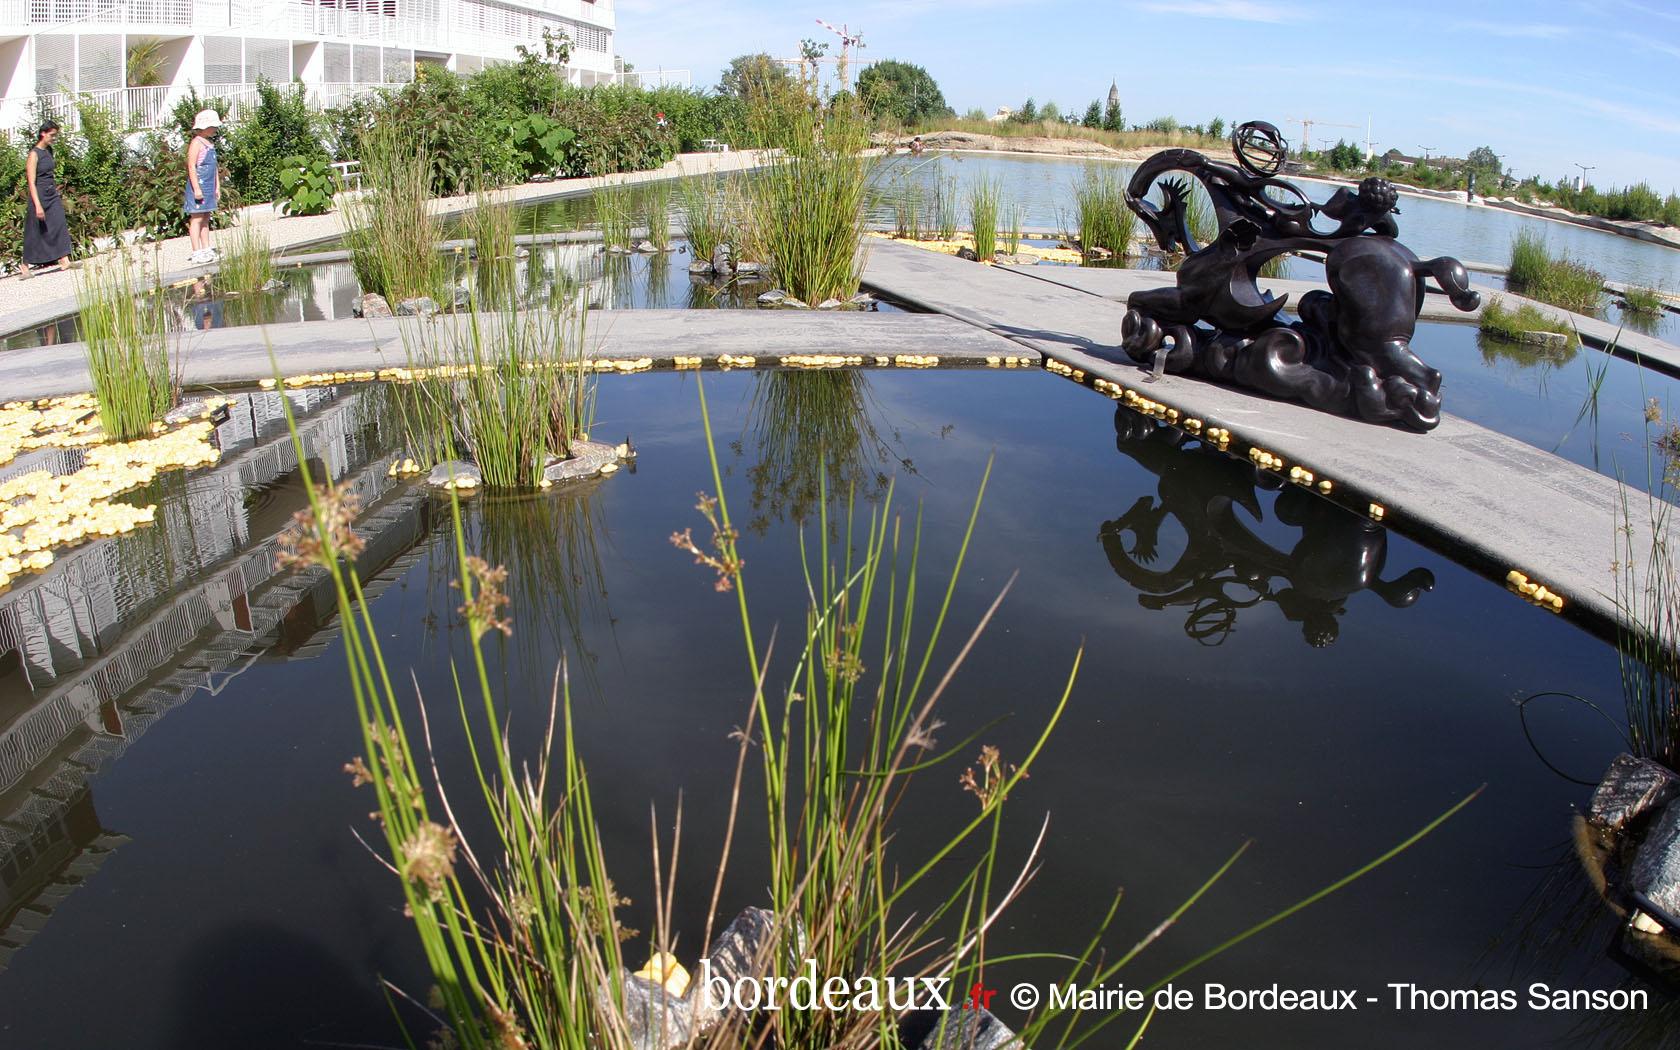 Jardin botanique 1680x1050 bordeaux for Jardin bordeaux